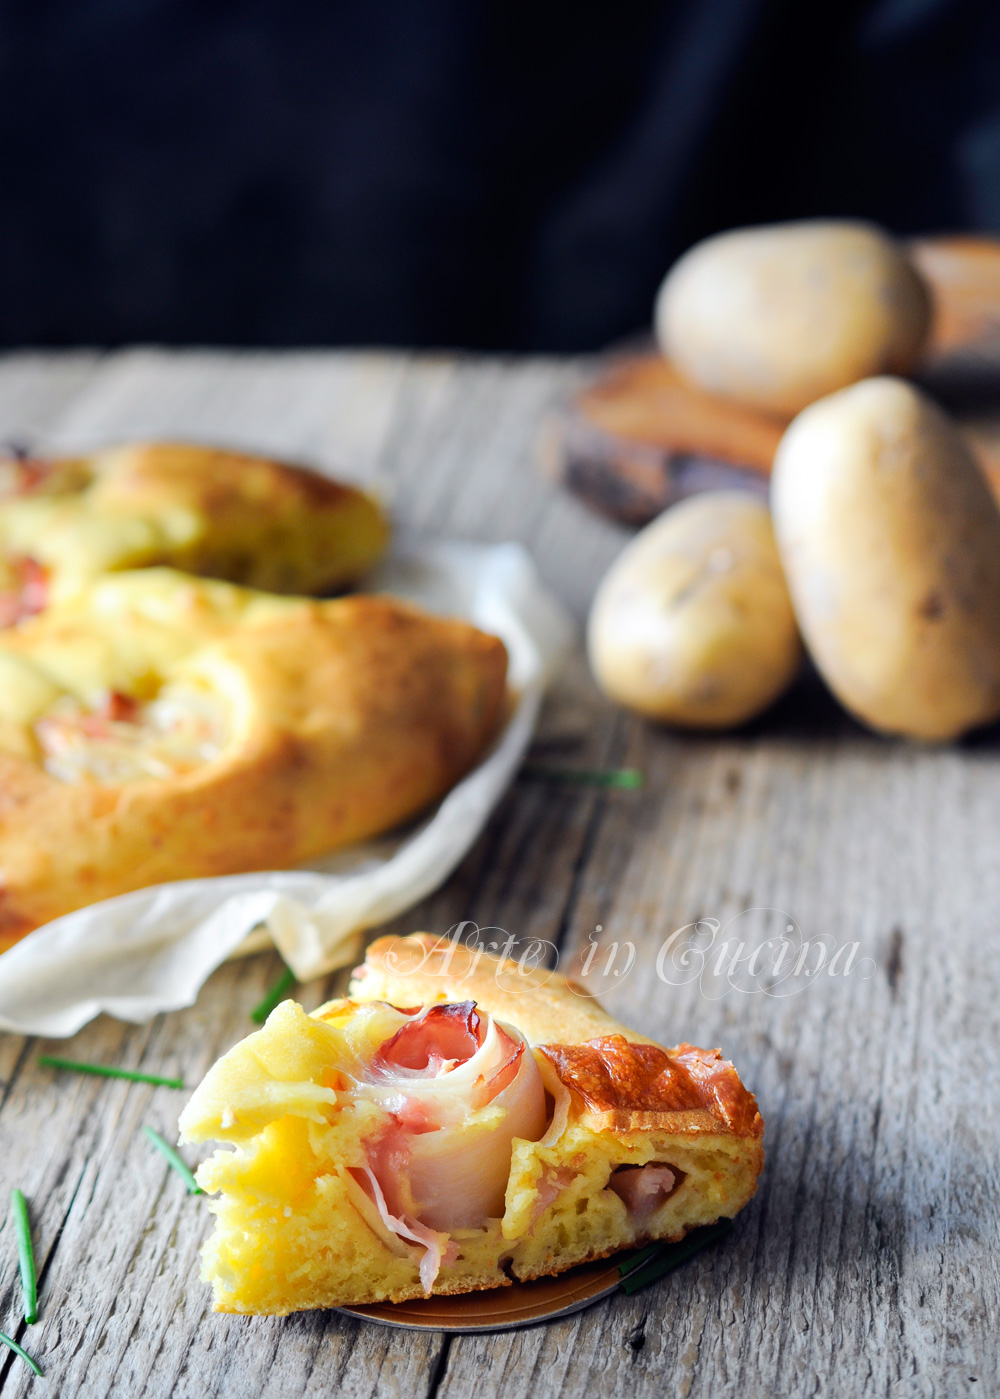 Torta con rose di patate al prosciutto e formaggi vickyart rate in cucina